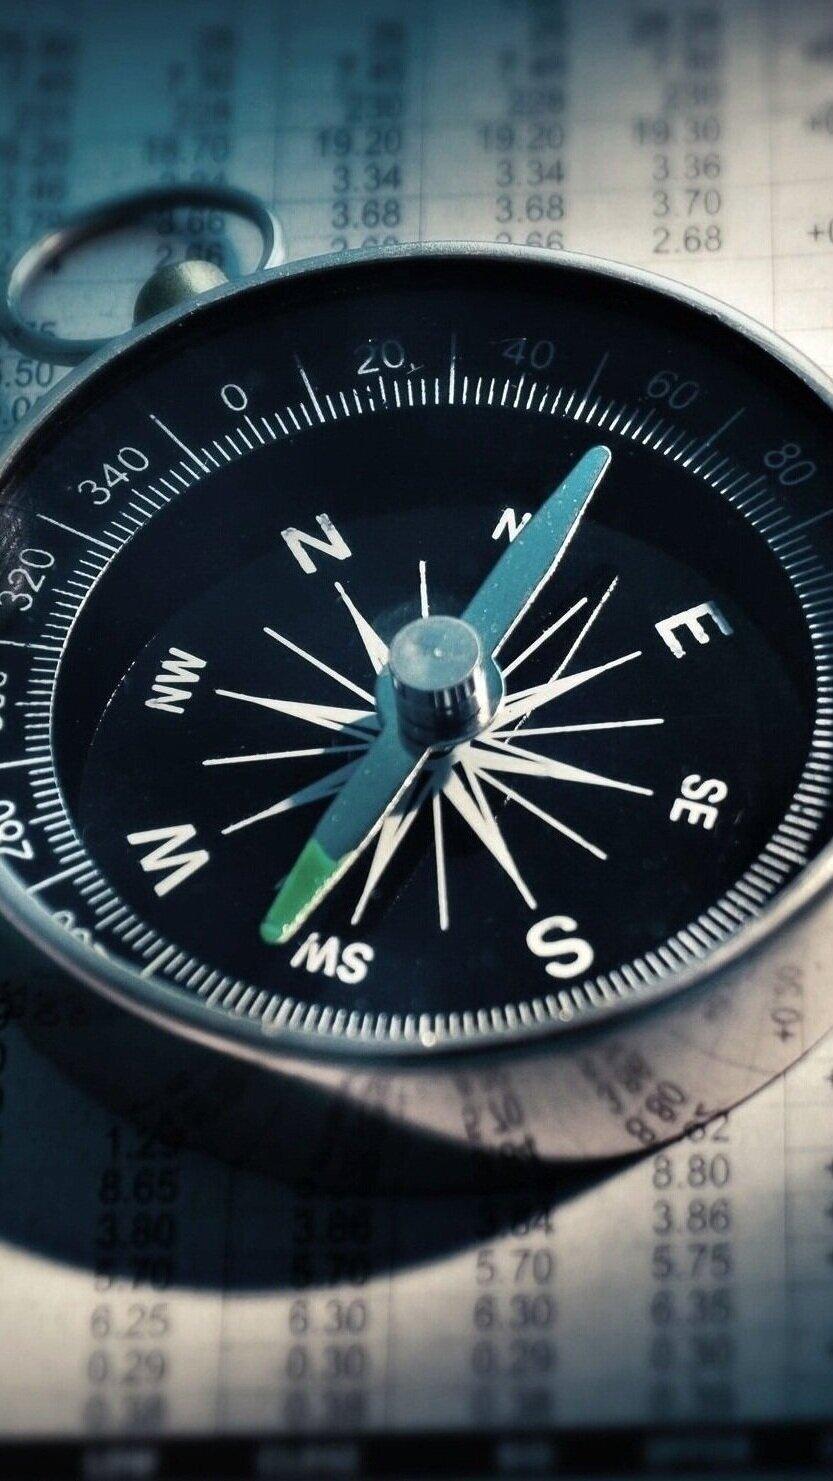 HR-KONSULENTOPGAVER - FASTHOLDELSE & MOTIVATIONBASIS PAKKE1-1 Coaching-samtale med op til 3 ledere. + 1-1 Motivationssamtaler med op til 10 medarbejdere + tilbagemeldingssamtale med fokuspunkter og minirapport.Priser fra 23.000,-BASIS PAKKE +BASIS PAKKEN + 6 mdr. abonnement med 6 timers opfølgningssamtaler med medarbejdere og 2 timers ledersparring omkring implementering af nye tiltag pr. måned.Priser fra 15.000,-TILLÆGSPAKKEAfholdelse af op til 10 Exit-samtaler med de medarbejdere der forlader virksomheden - indsamling af data via spørgeskema og interviews, samt tilbagemelding og minirapport + evt. implementering af nye tiltag omkring Onboarding og OffboardingPriser fra 15.000,-ENTERPRISE PAKKEUDVIKLING AF  LANGSIGTET MOTIVATIONS- OG FASTHOLDELSESSTRATEGI Indeholder BASIS PAKKE+, TILLÆGSPAKKE, Samt udvidet 12. mdr. forløb med løbende Opfølgning, Sparring, Interviews, Analyse og Dataindsamling, inklusiv rapport med implementeringsforslag til Priser fra 45.000, (pr. 25 medarbejder)